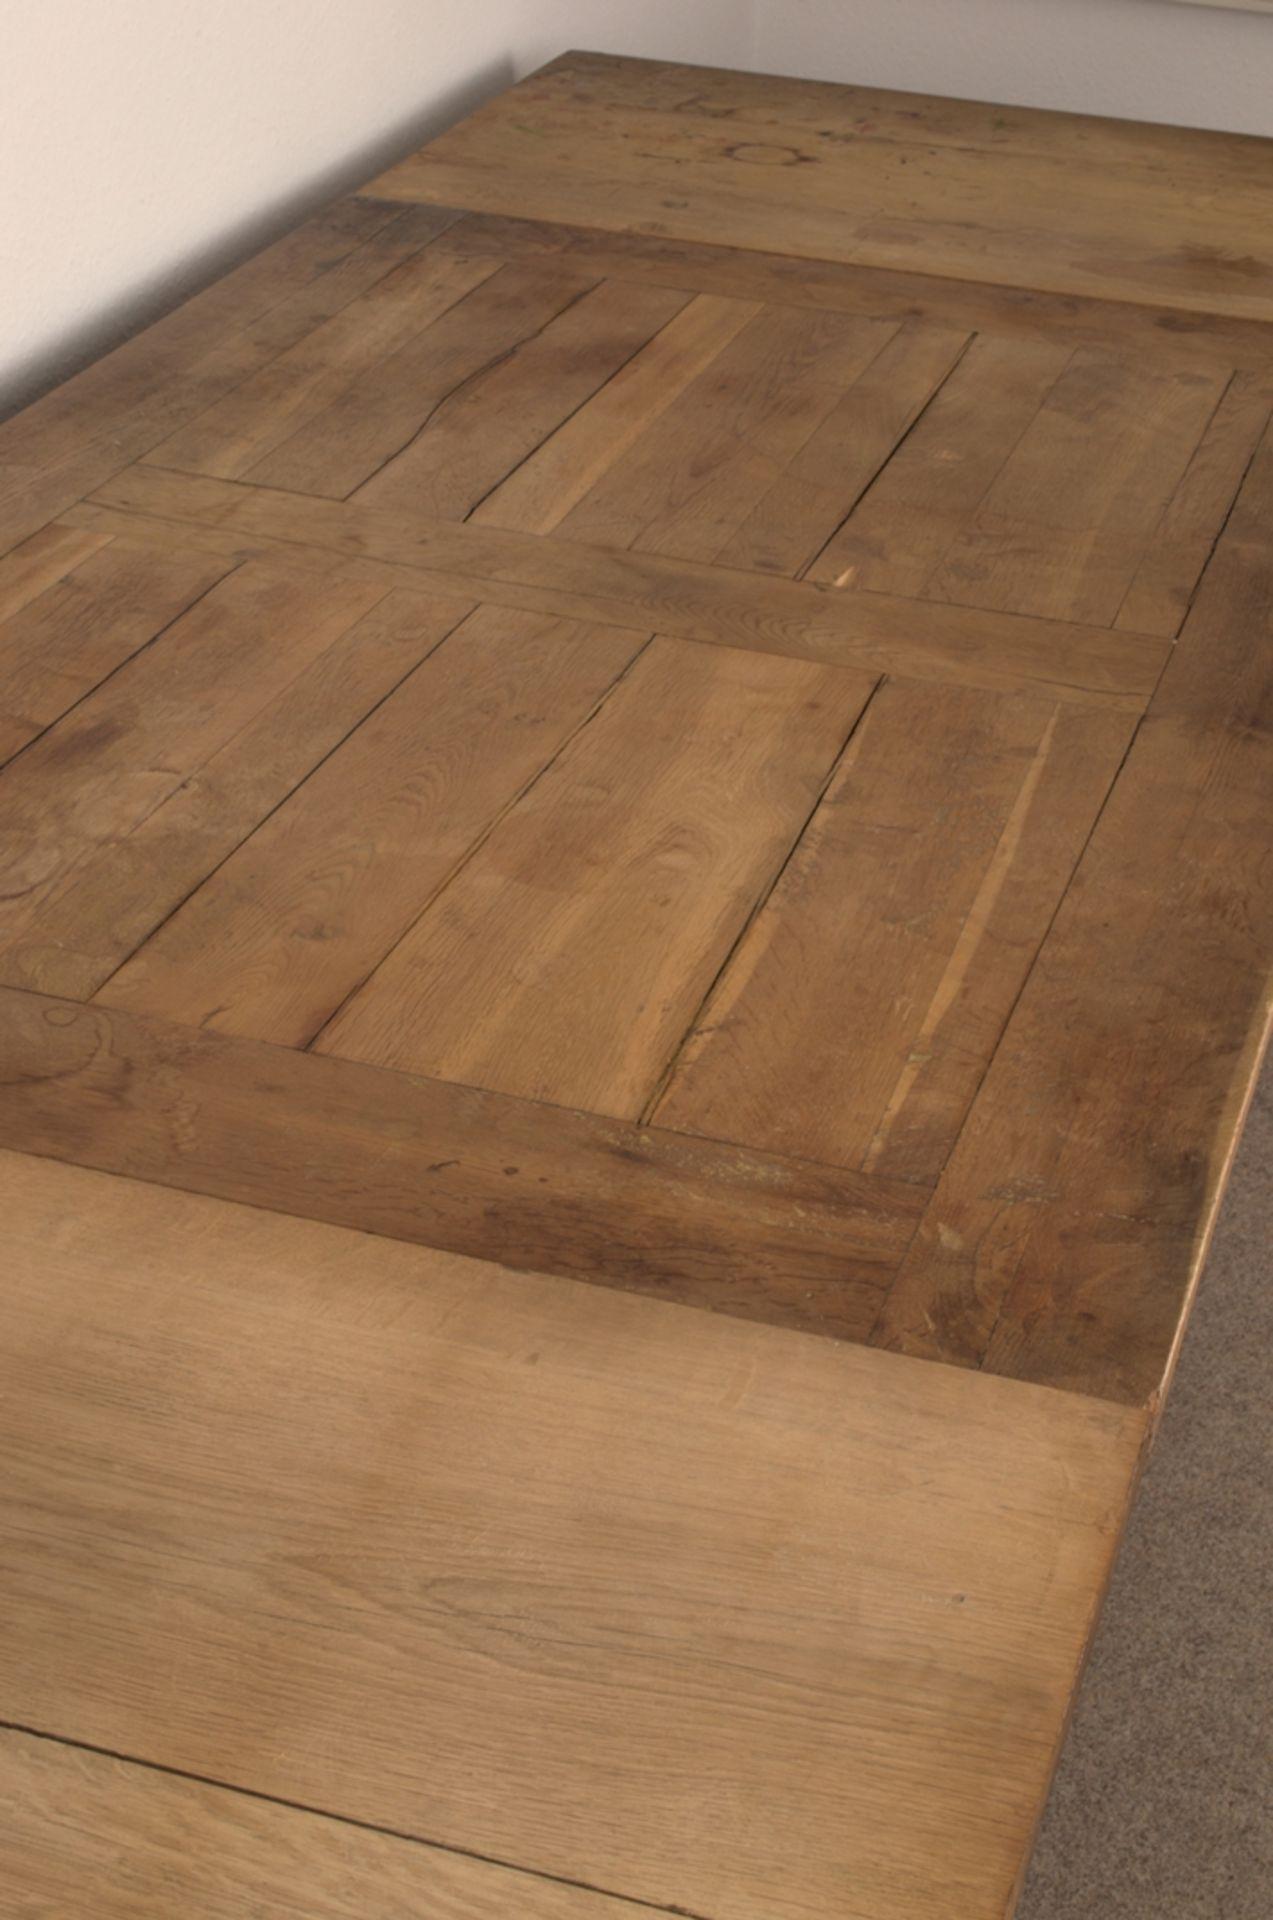 Großer Auszugstisch, Franken um 1730/50. Querverstrebter Tischunterbau mit kräftigen Balusterbeinen, - Bild 27 aus 36